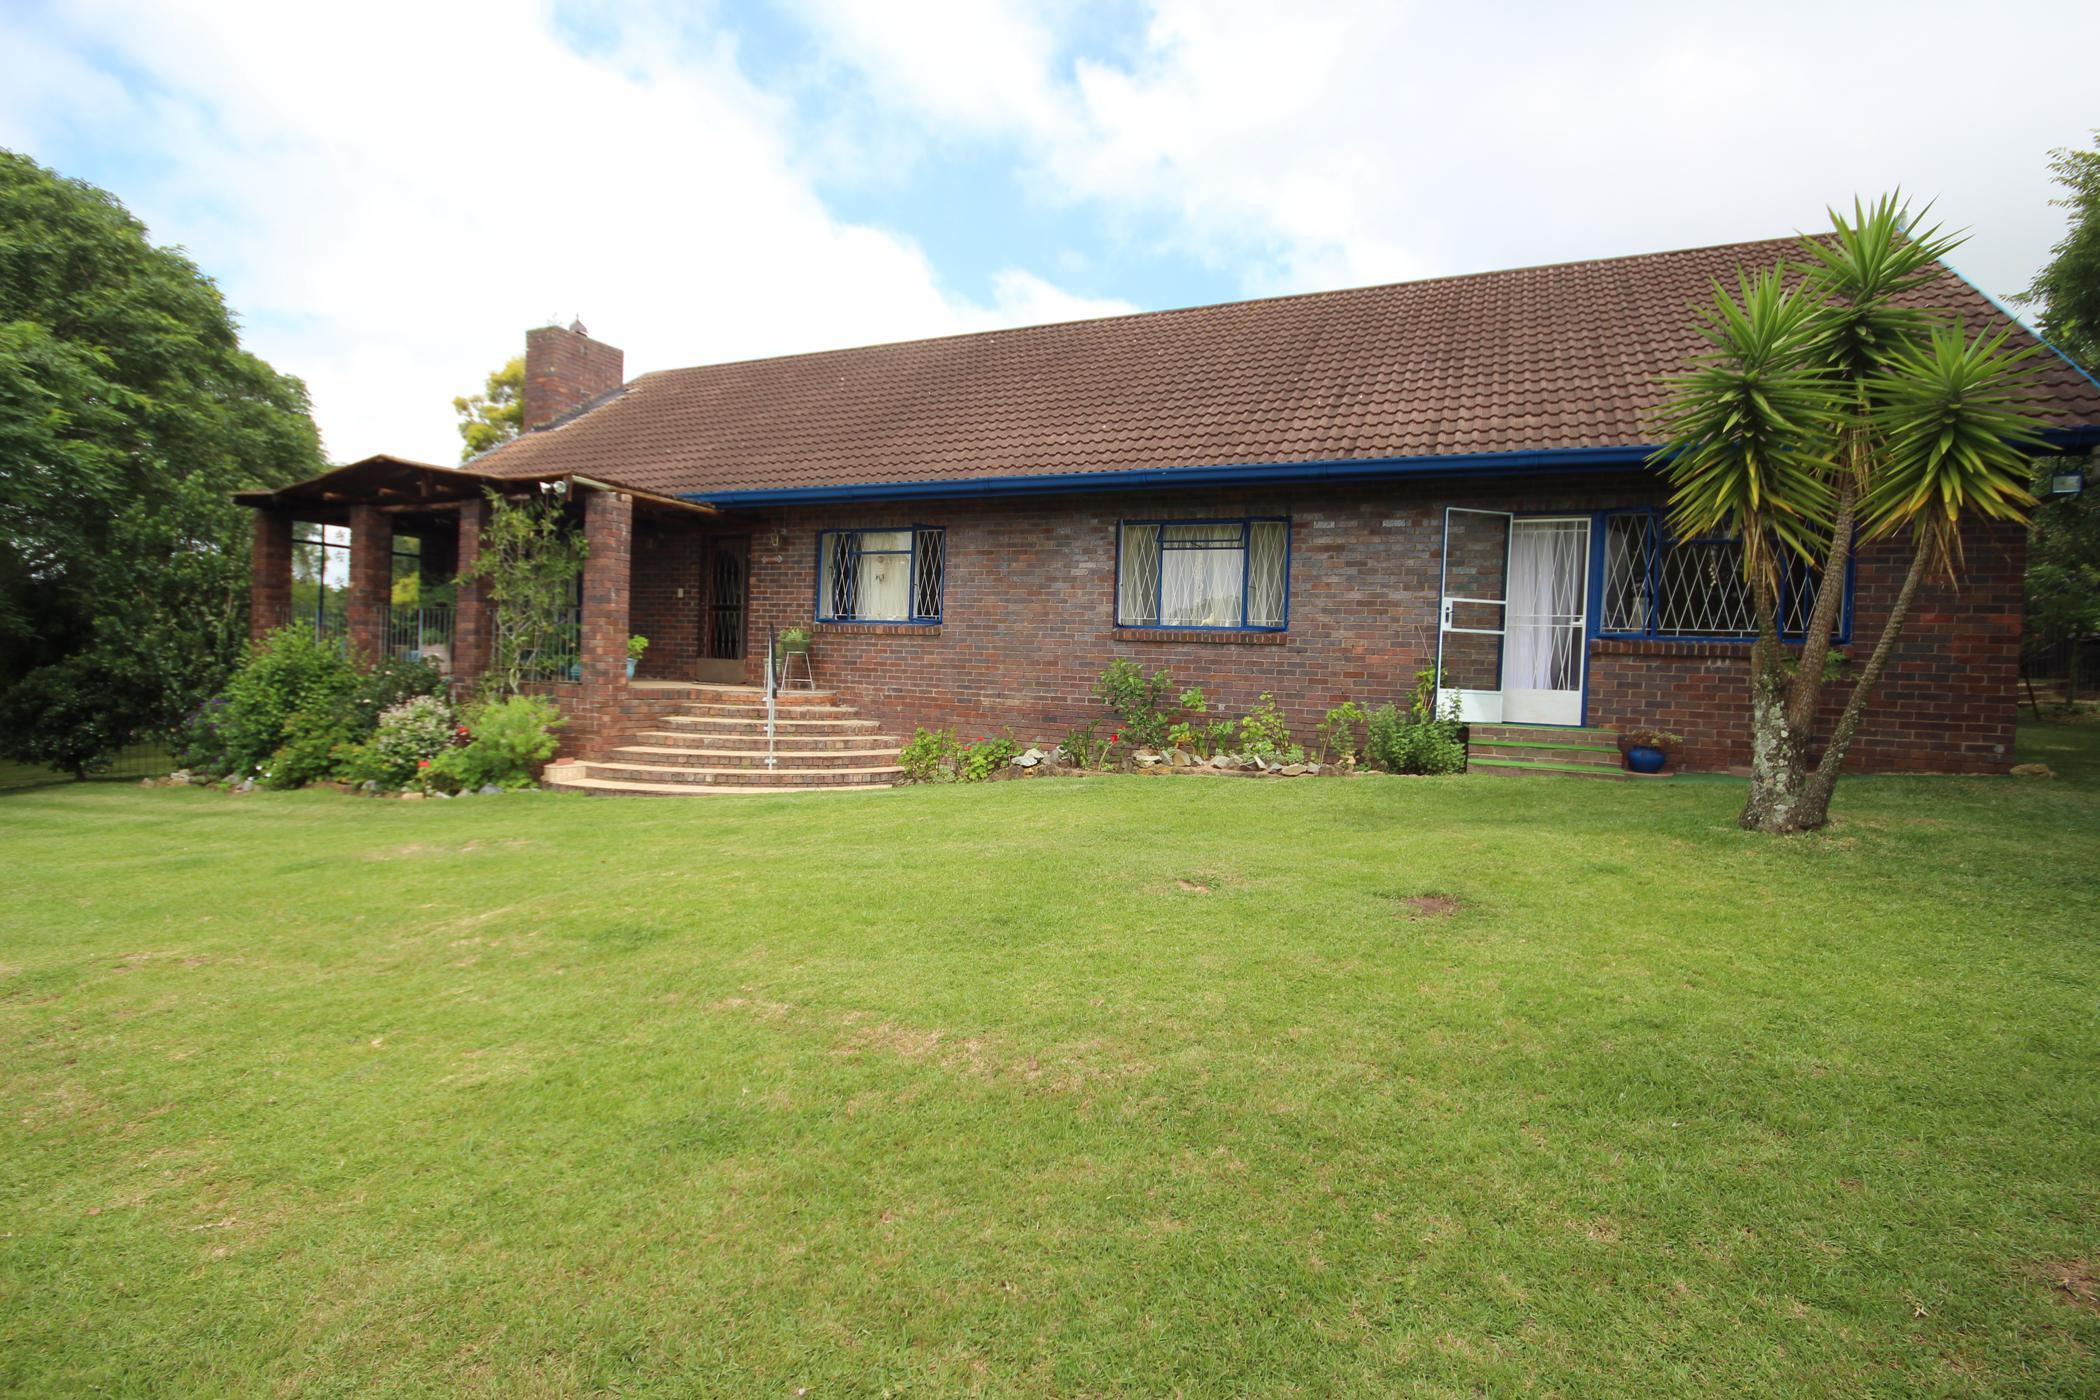 3 bedroom house for sale in Bathurst